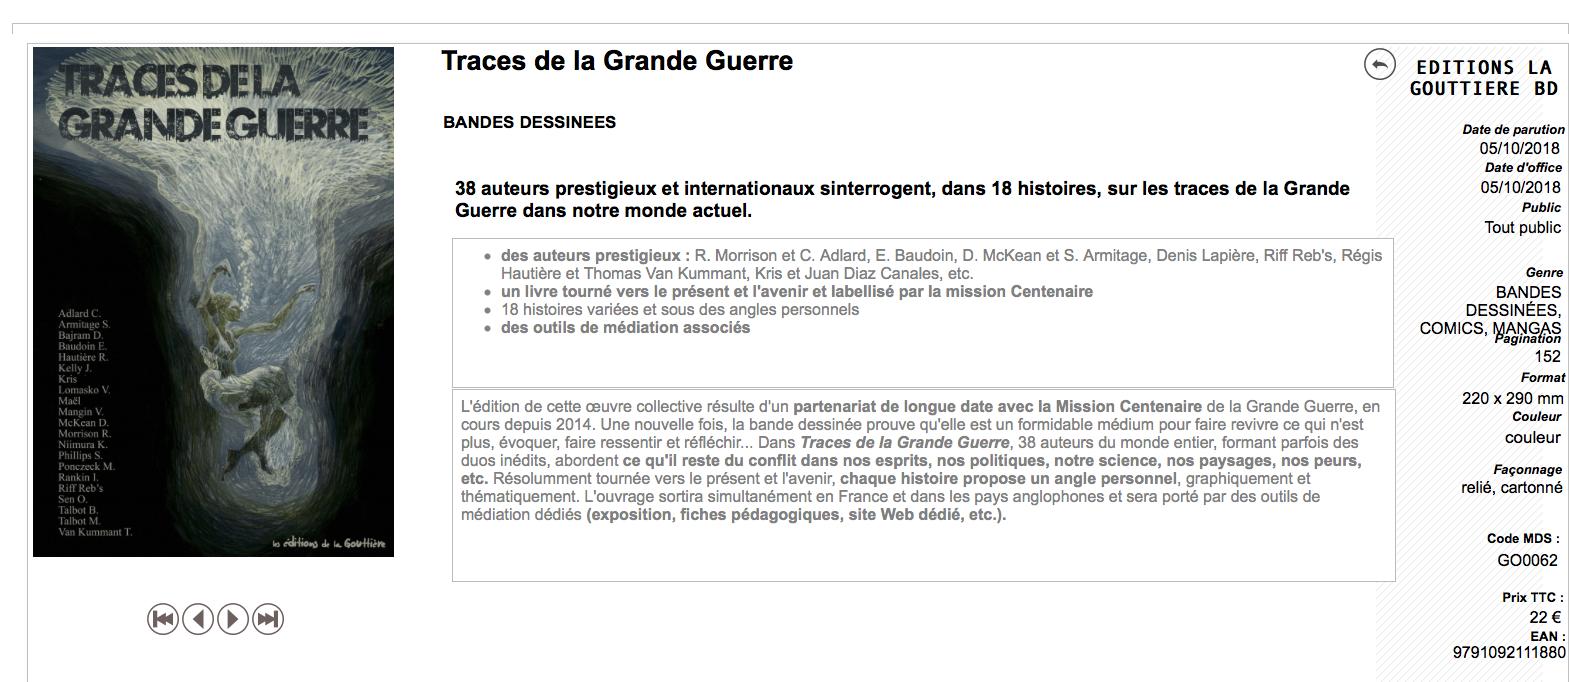 Traces_fiche article